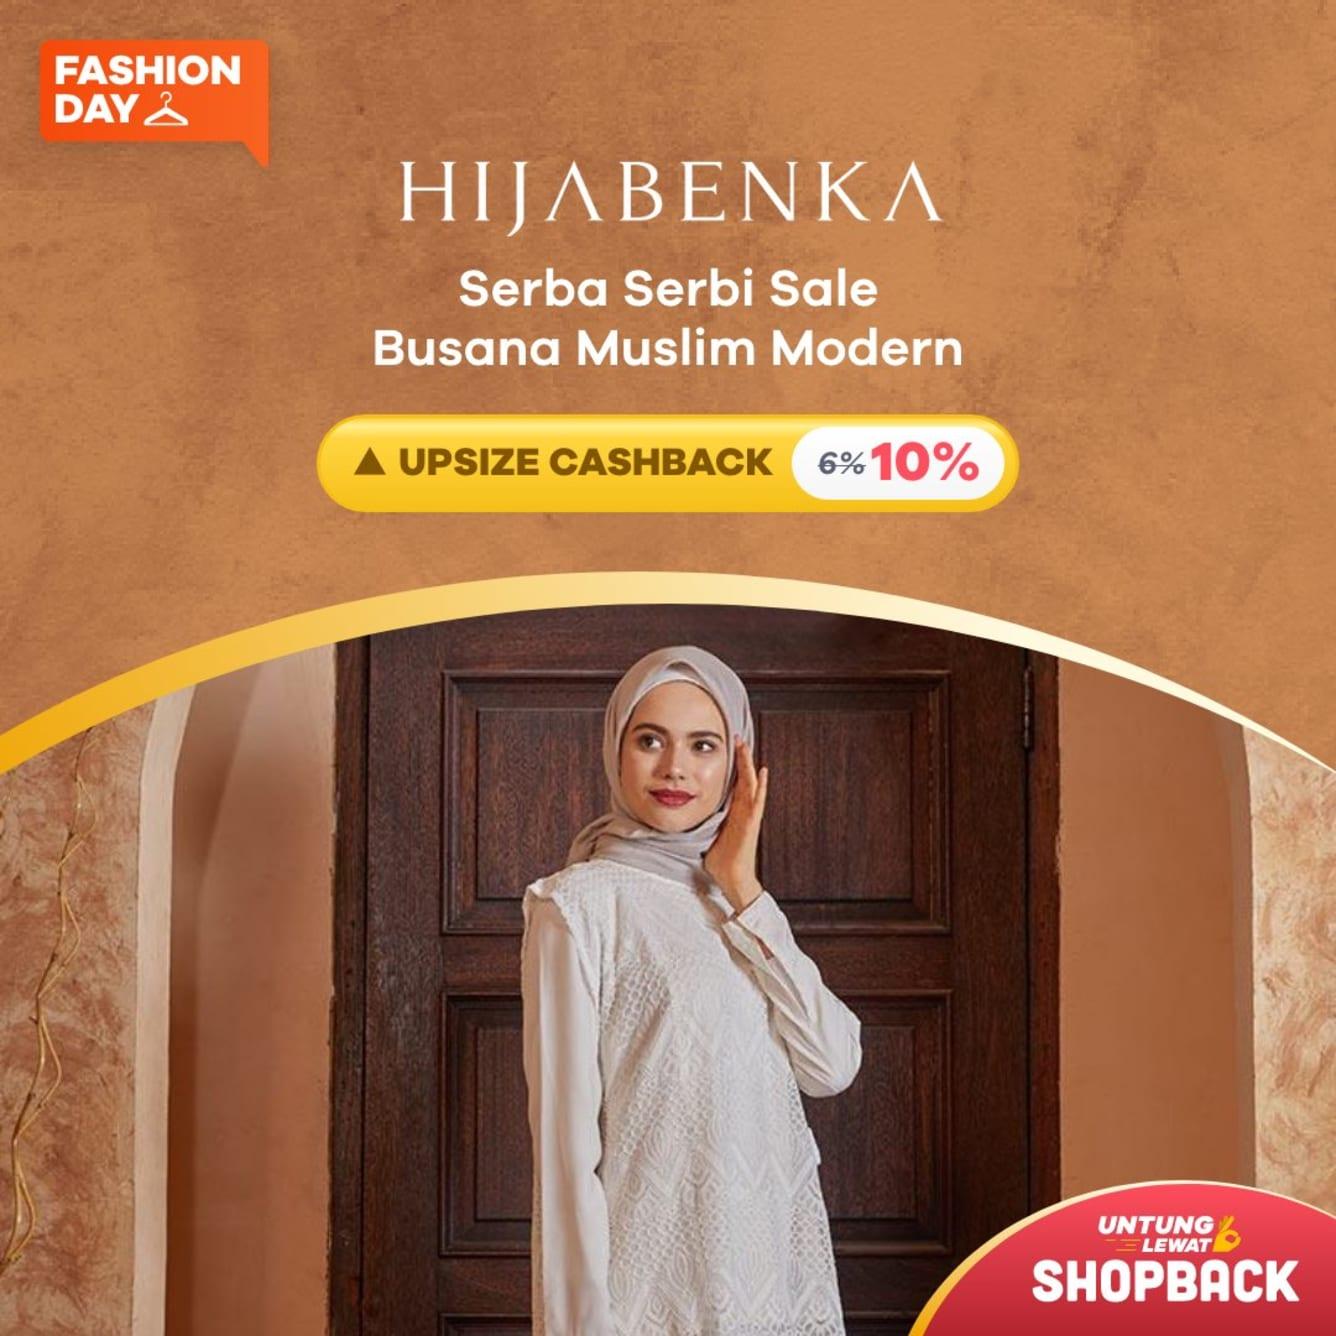 Week 27 - Promo Hijabenka